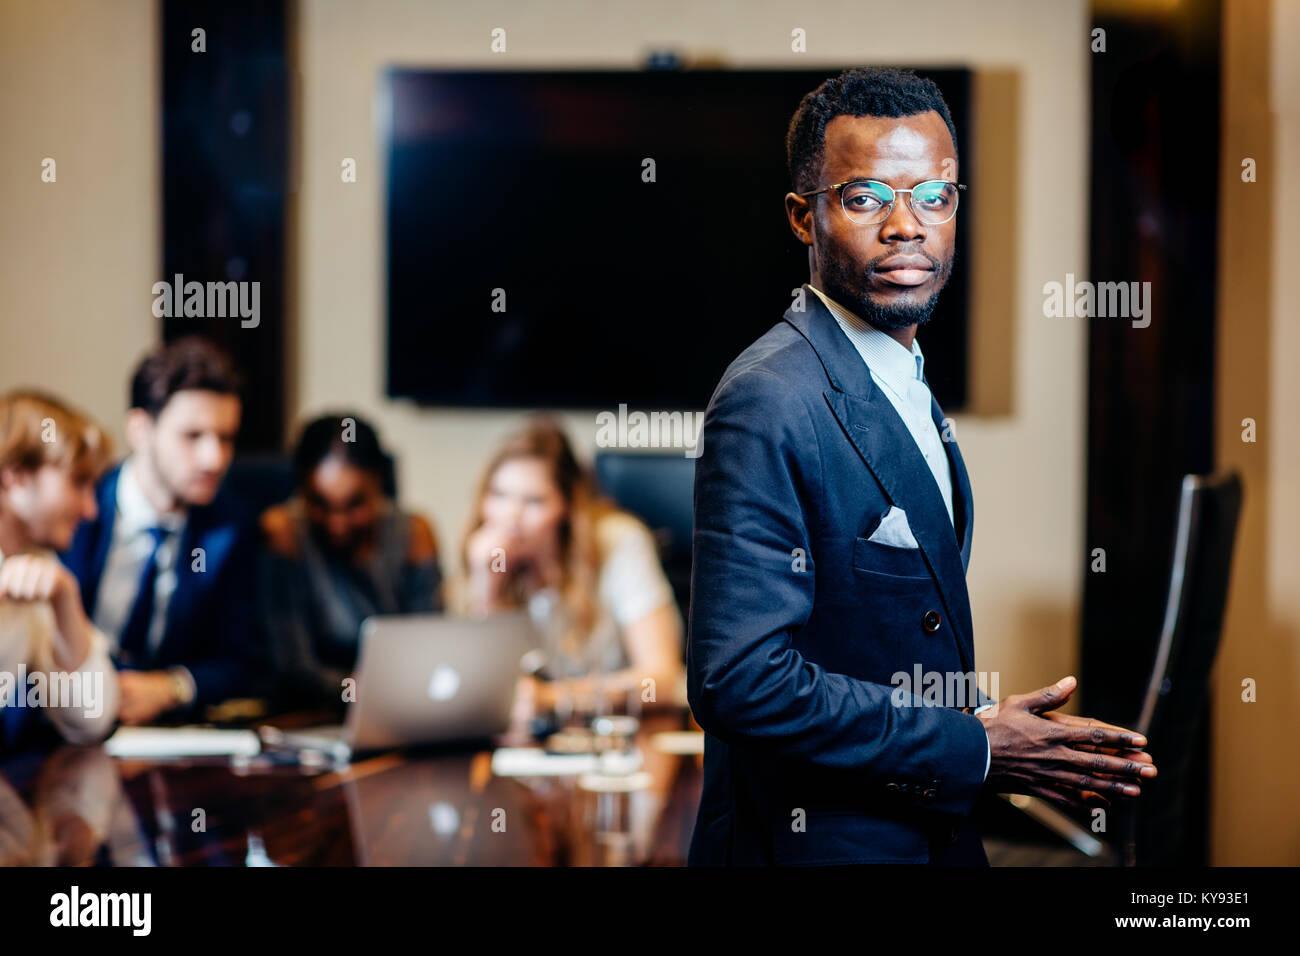 Empresario africano mirando a la cámara con un grupo de empresarios sobre antecedentes Foto de stock